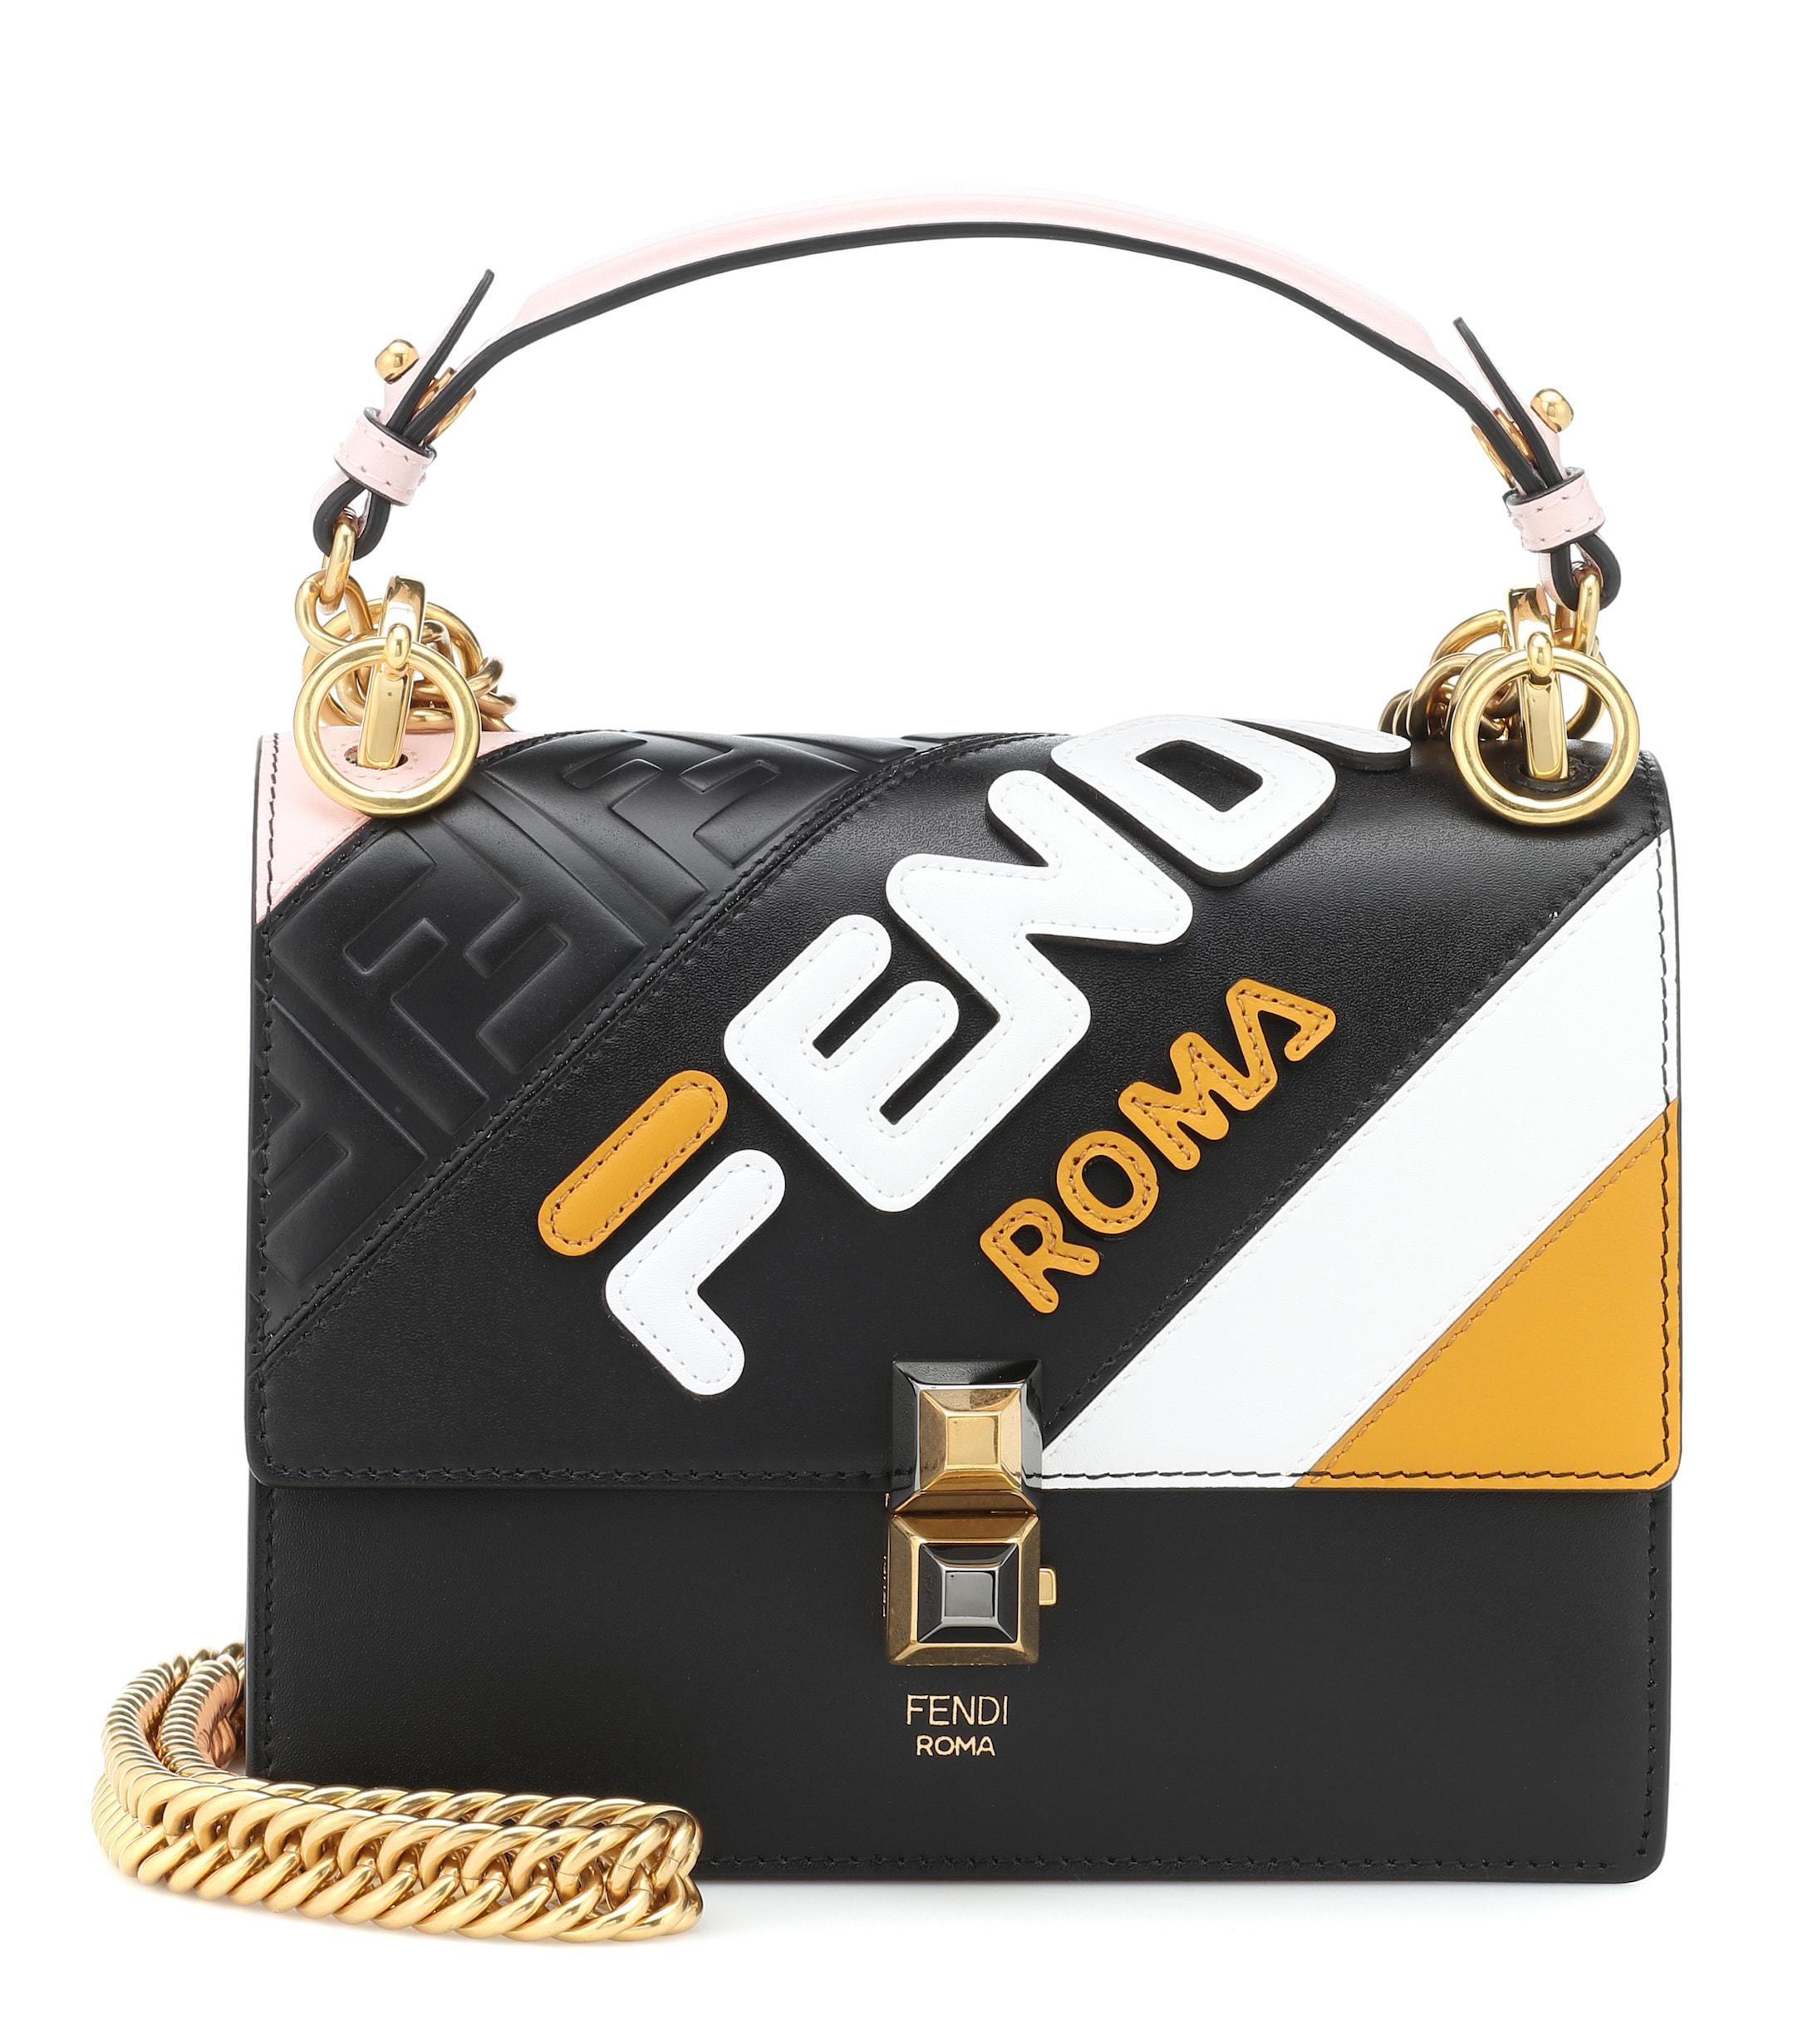 de09e8689e61 Fendi. Women s Mania Kan I Mini Leather Shoulder Bag